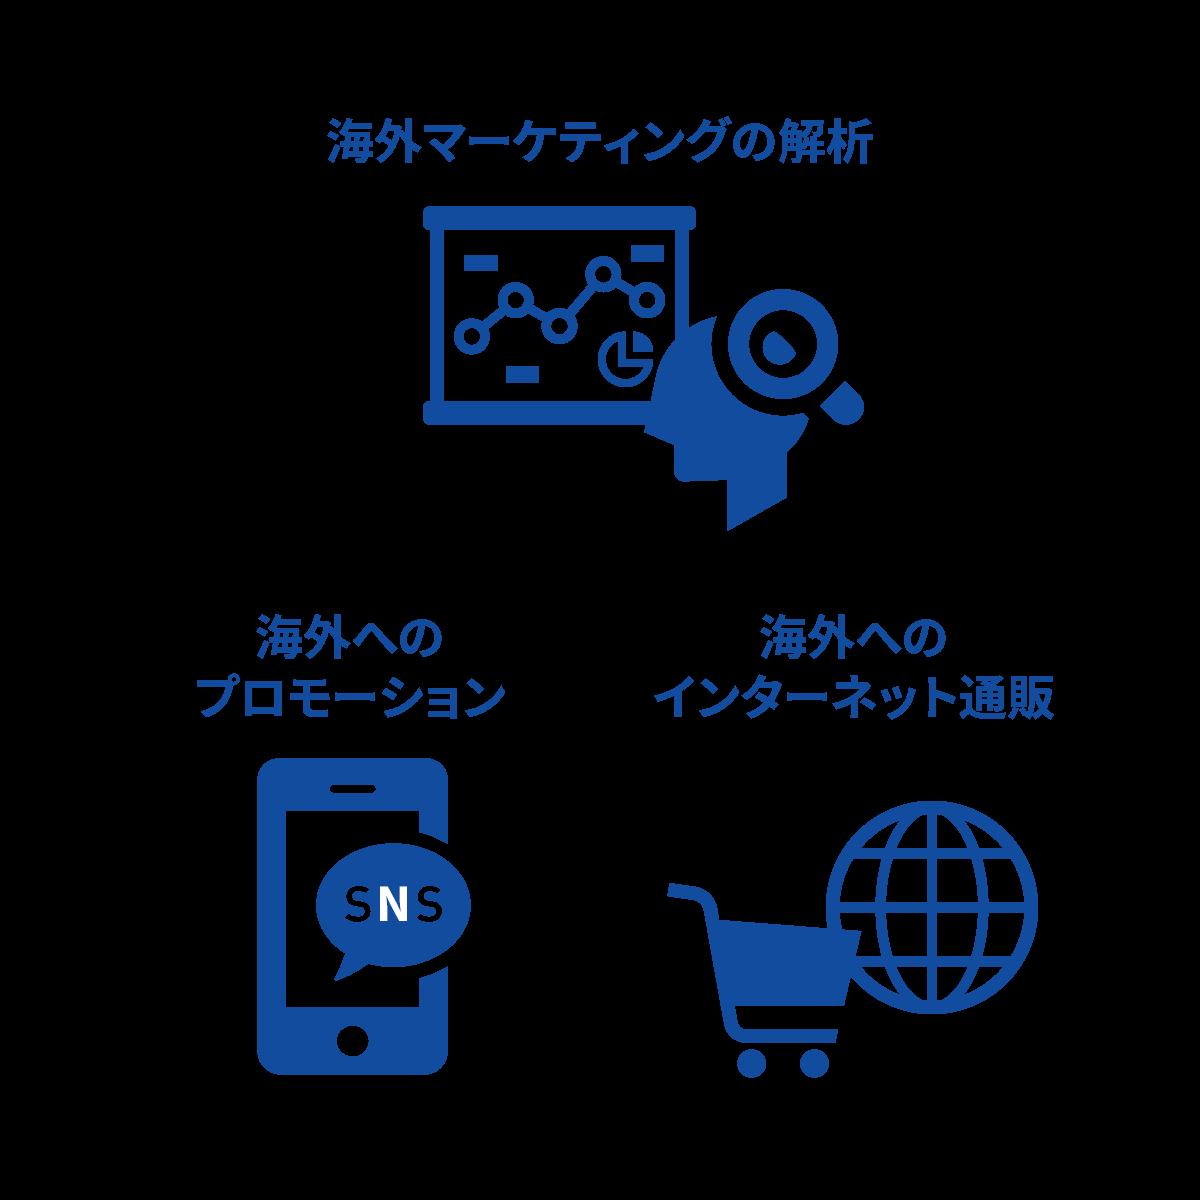 海外マーケティングの解析、海外へのプロモーション、海外へのインターネット通販